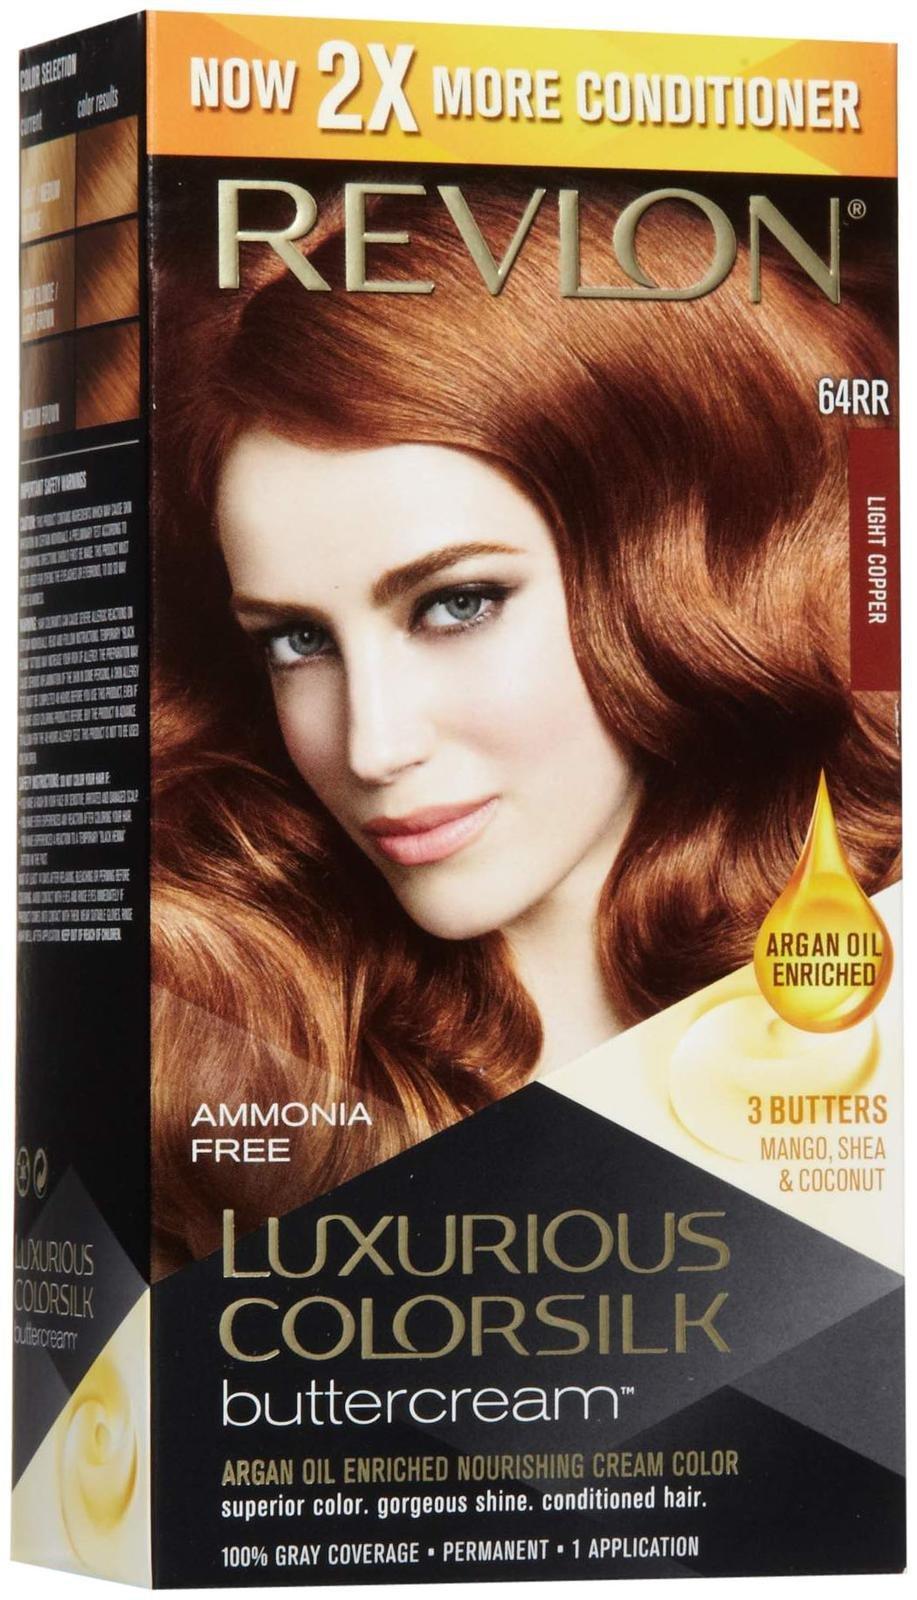 Amazon Revlon Colorsilk Luxurious Buttercream Hair Color